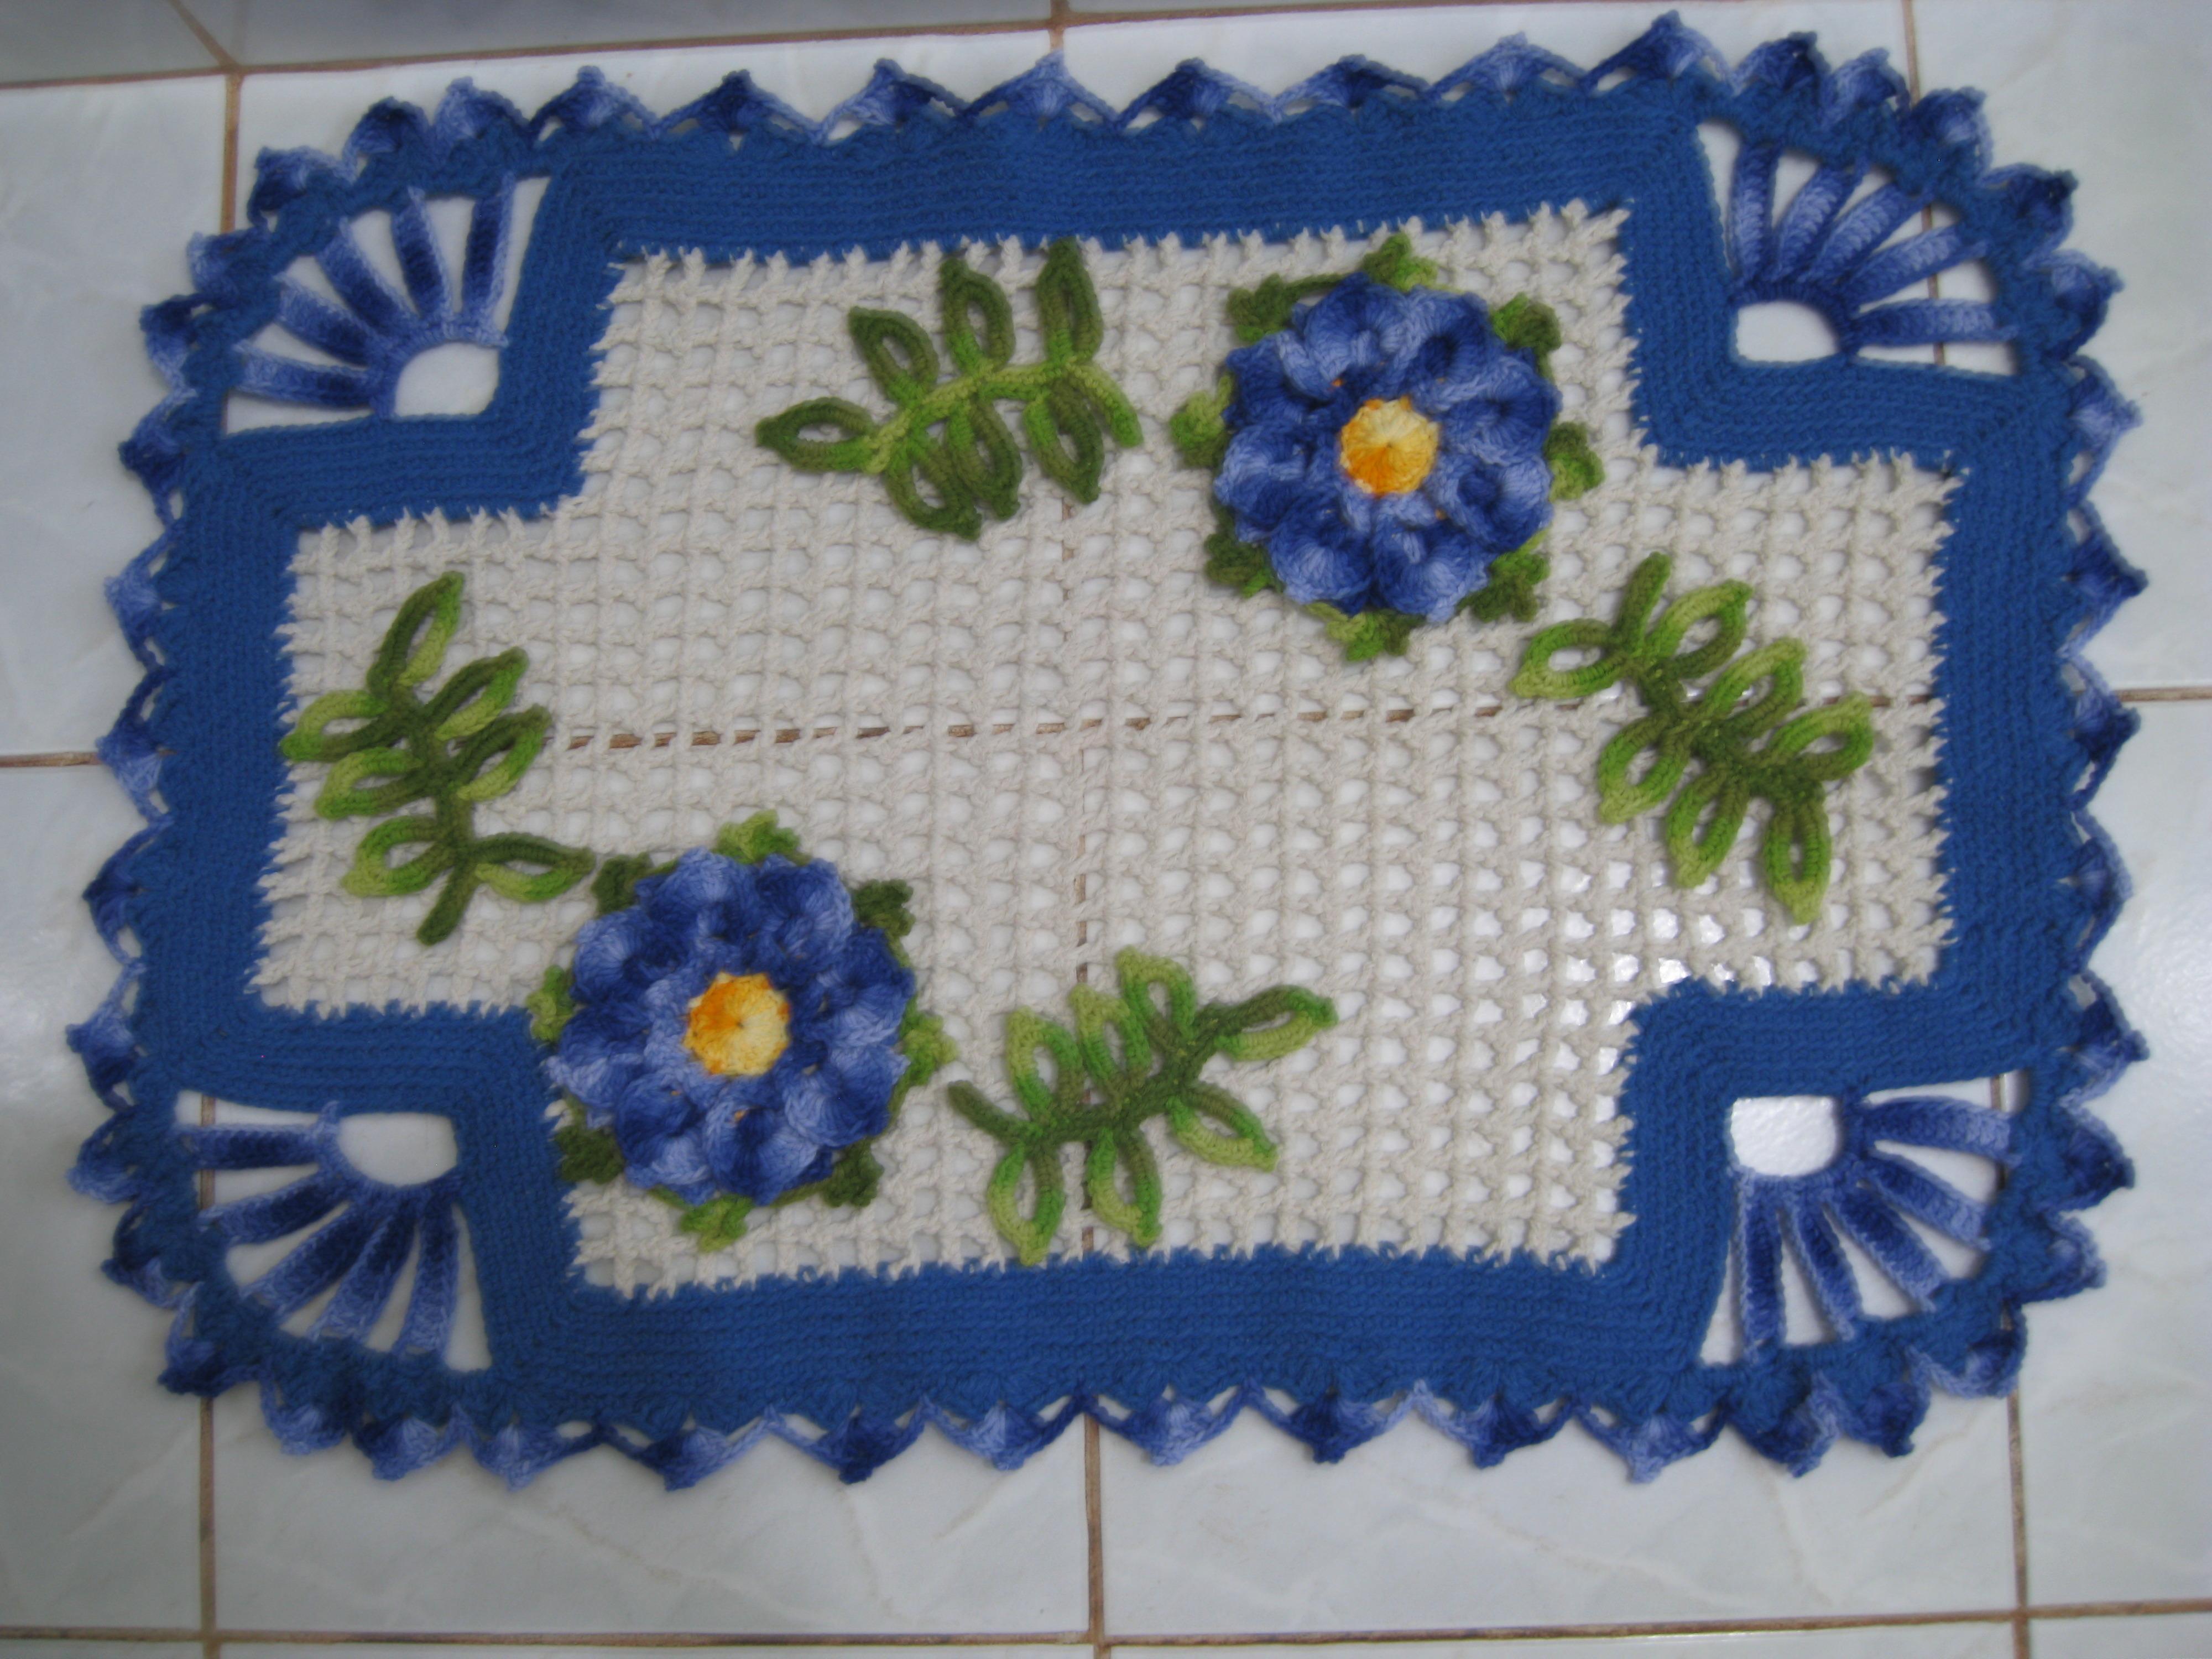 de jardim:jogo de banheiro jardim encantado jogo de banheiro jardim #233B6C 4000x3000 Banheiro De Jardim